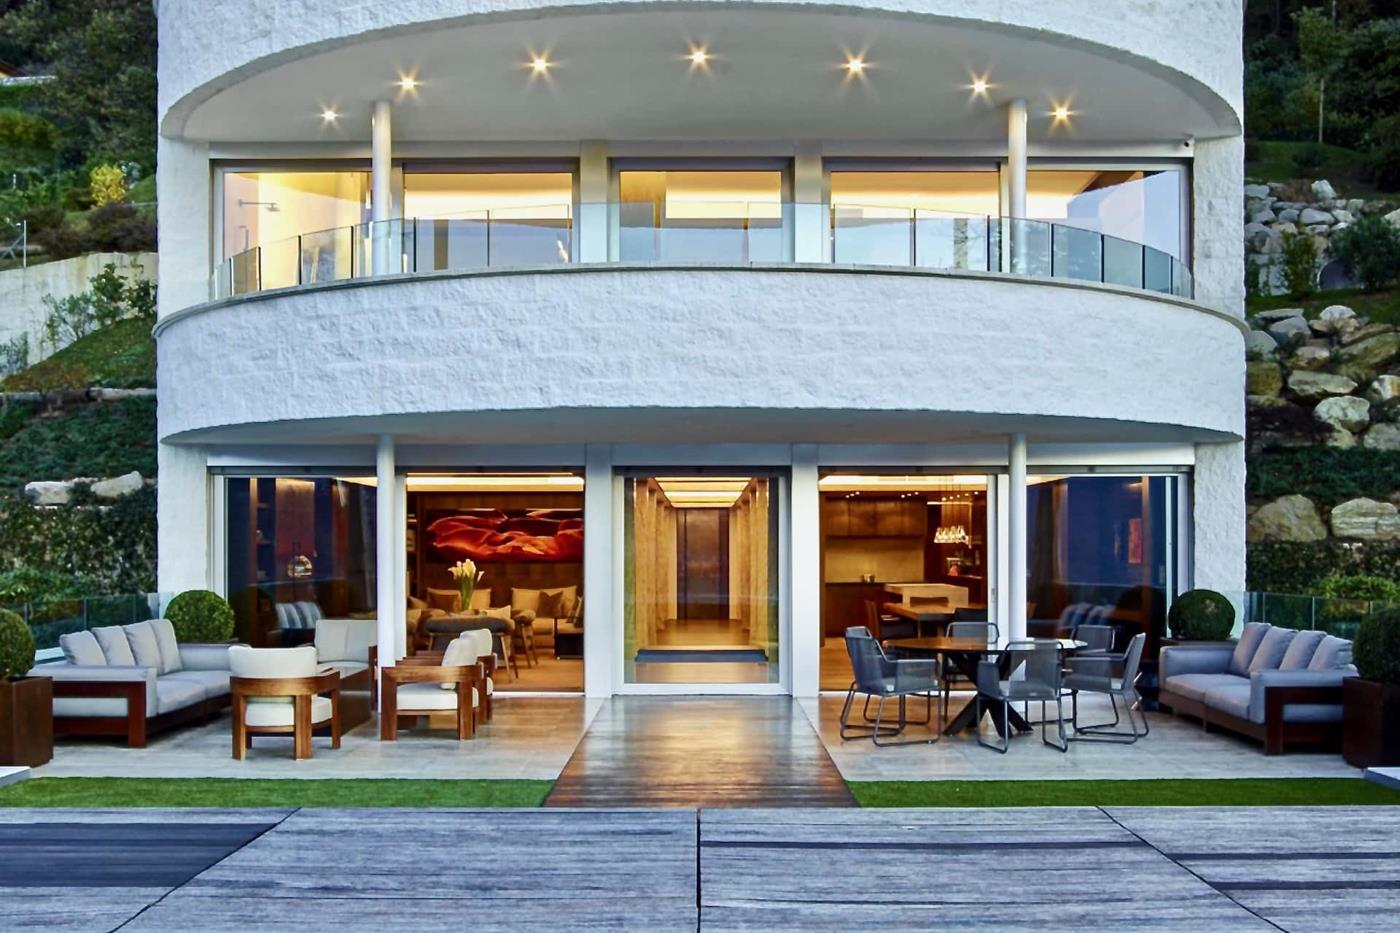 Appartement des Architekten Jim Olson an äusserst gesuchter Lage im Tessin, Schweiz zu verkaufen